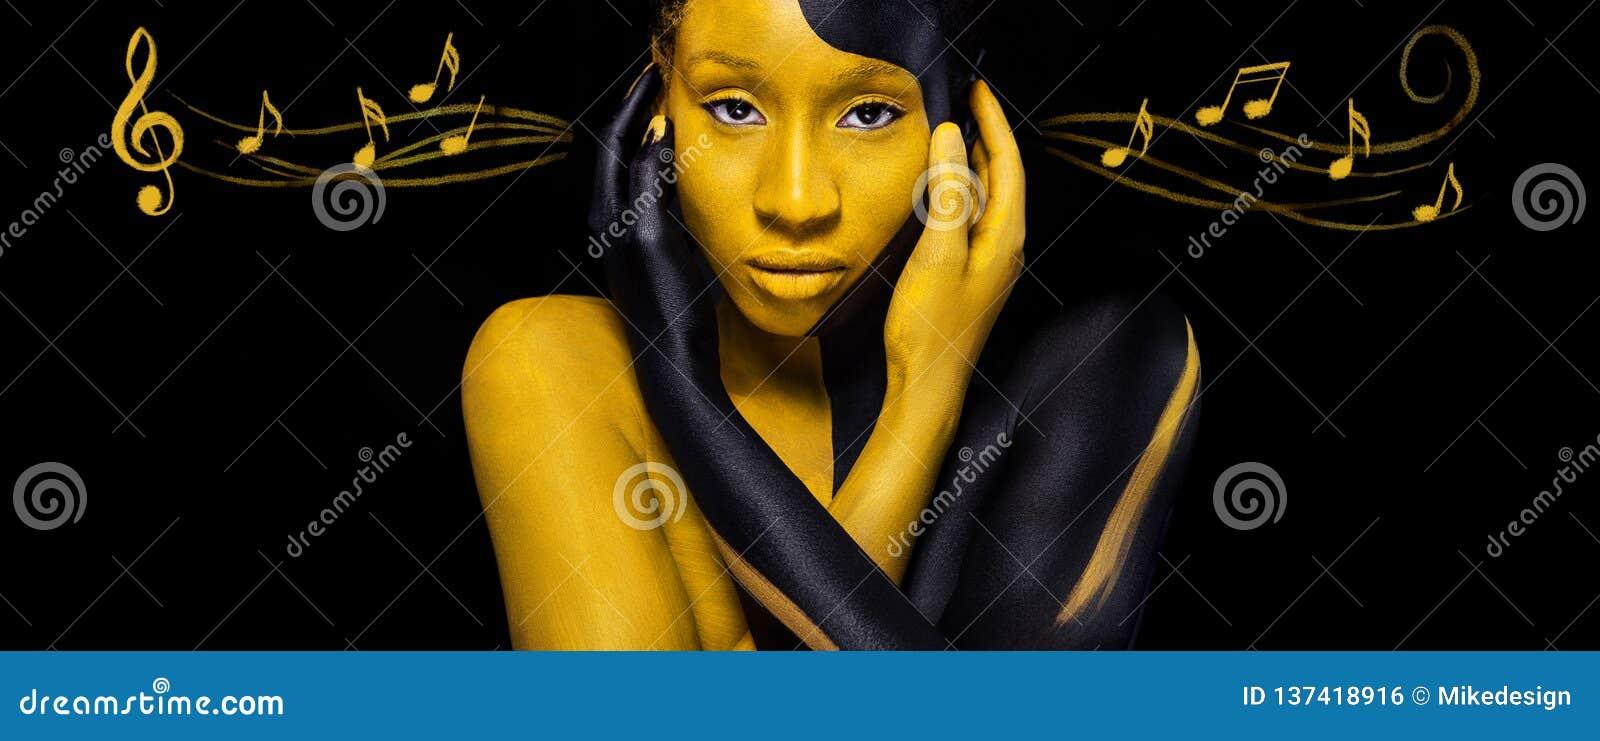 Mujer africana joven alegre con maquillaje de la moda del arte Mujer que sorprende con maquillaje y notas negros y amarillos colo